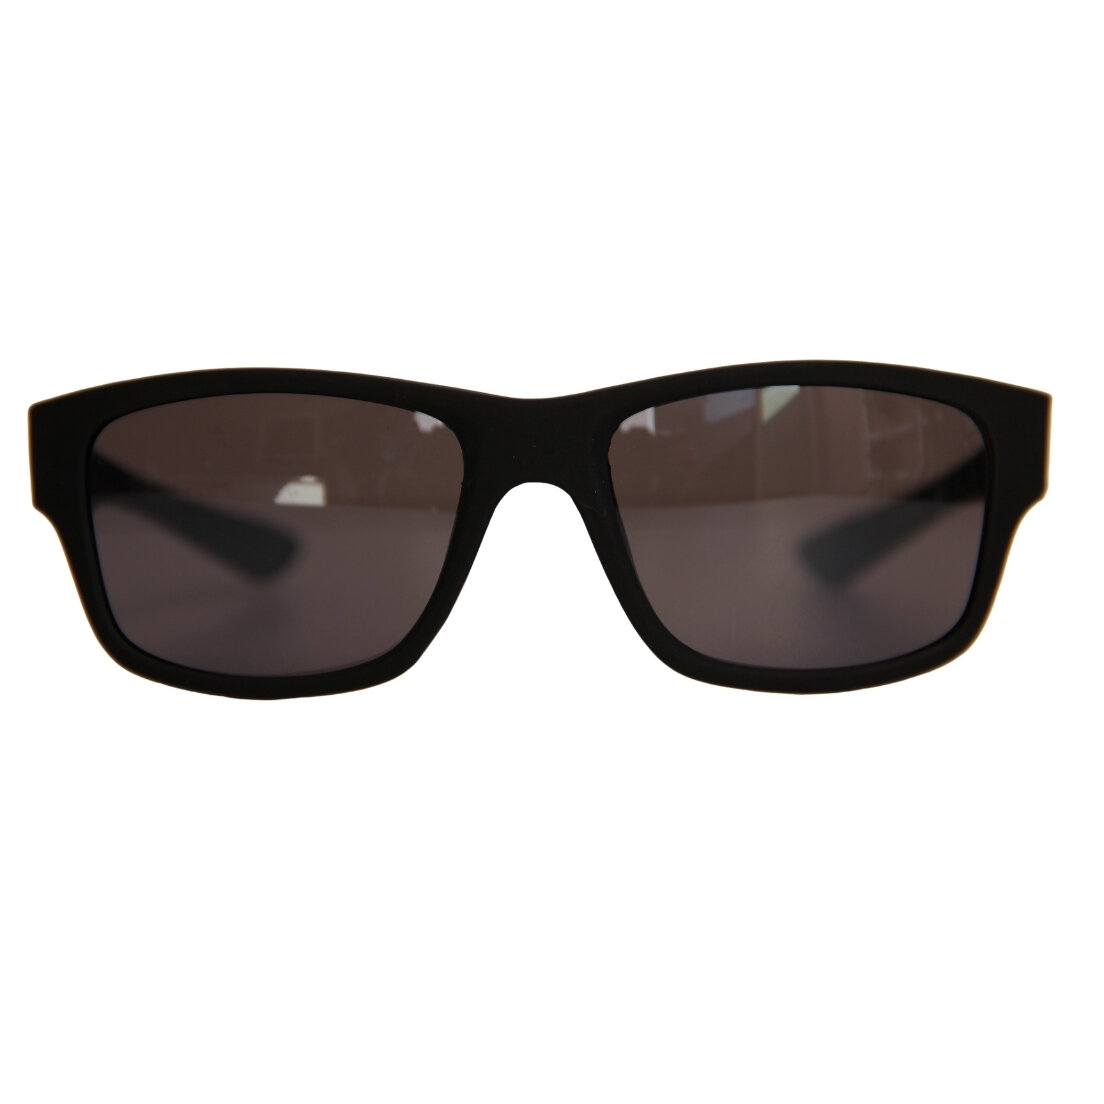 OUTLET - Óculos de Sol Khatto Square Geo Adventure Italiano